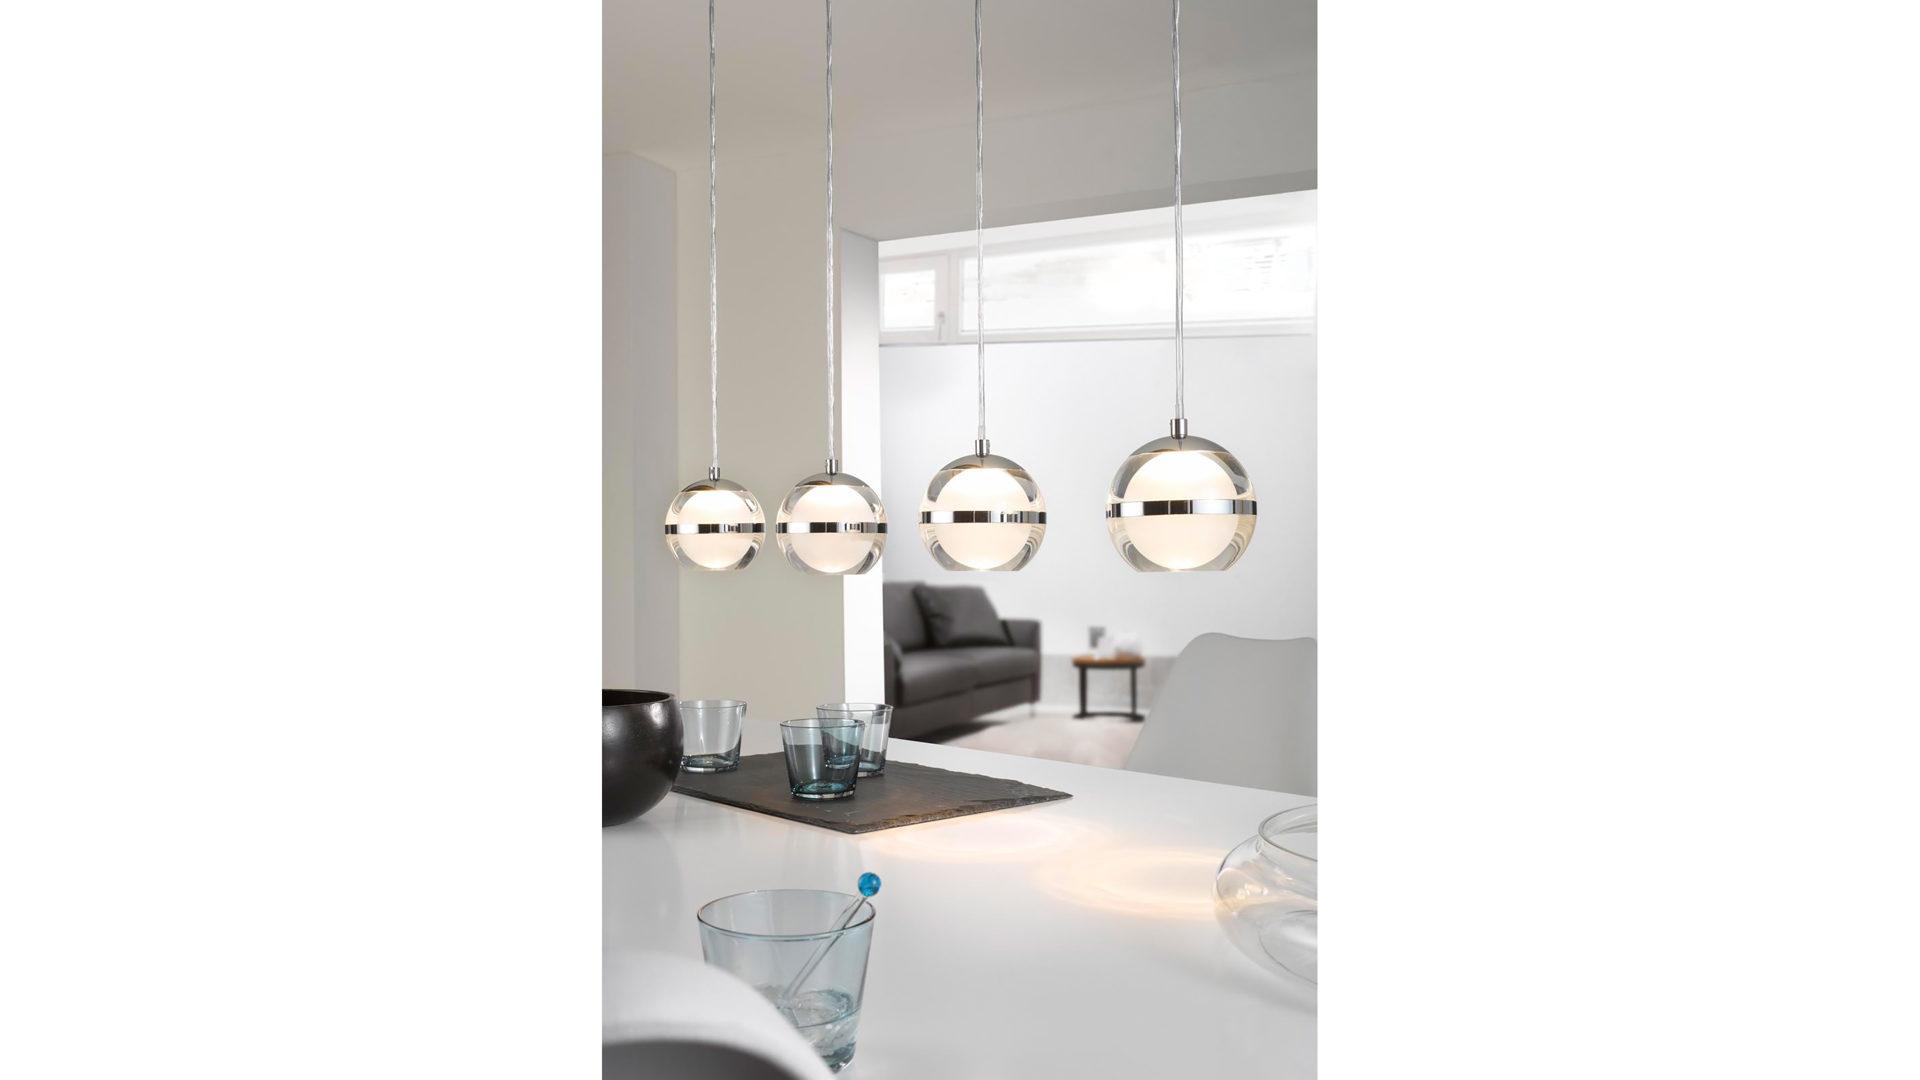 Möbel Bernskötter Mülheim, Räume, Esszimmer, Lampen + Leuchten, LED Pendelleuchte,  LED Pendelleuchte Fulton, Chrom U0026 Kunststoff   Vierflammig, Länge Ca.